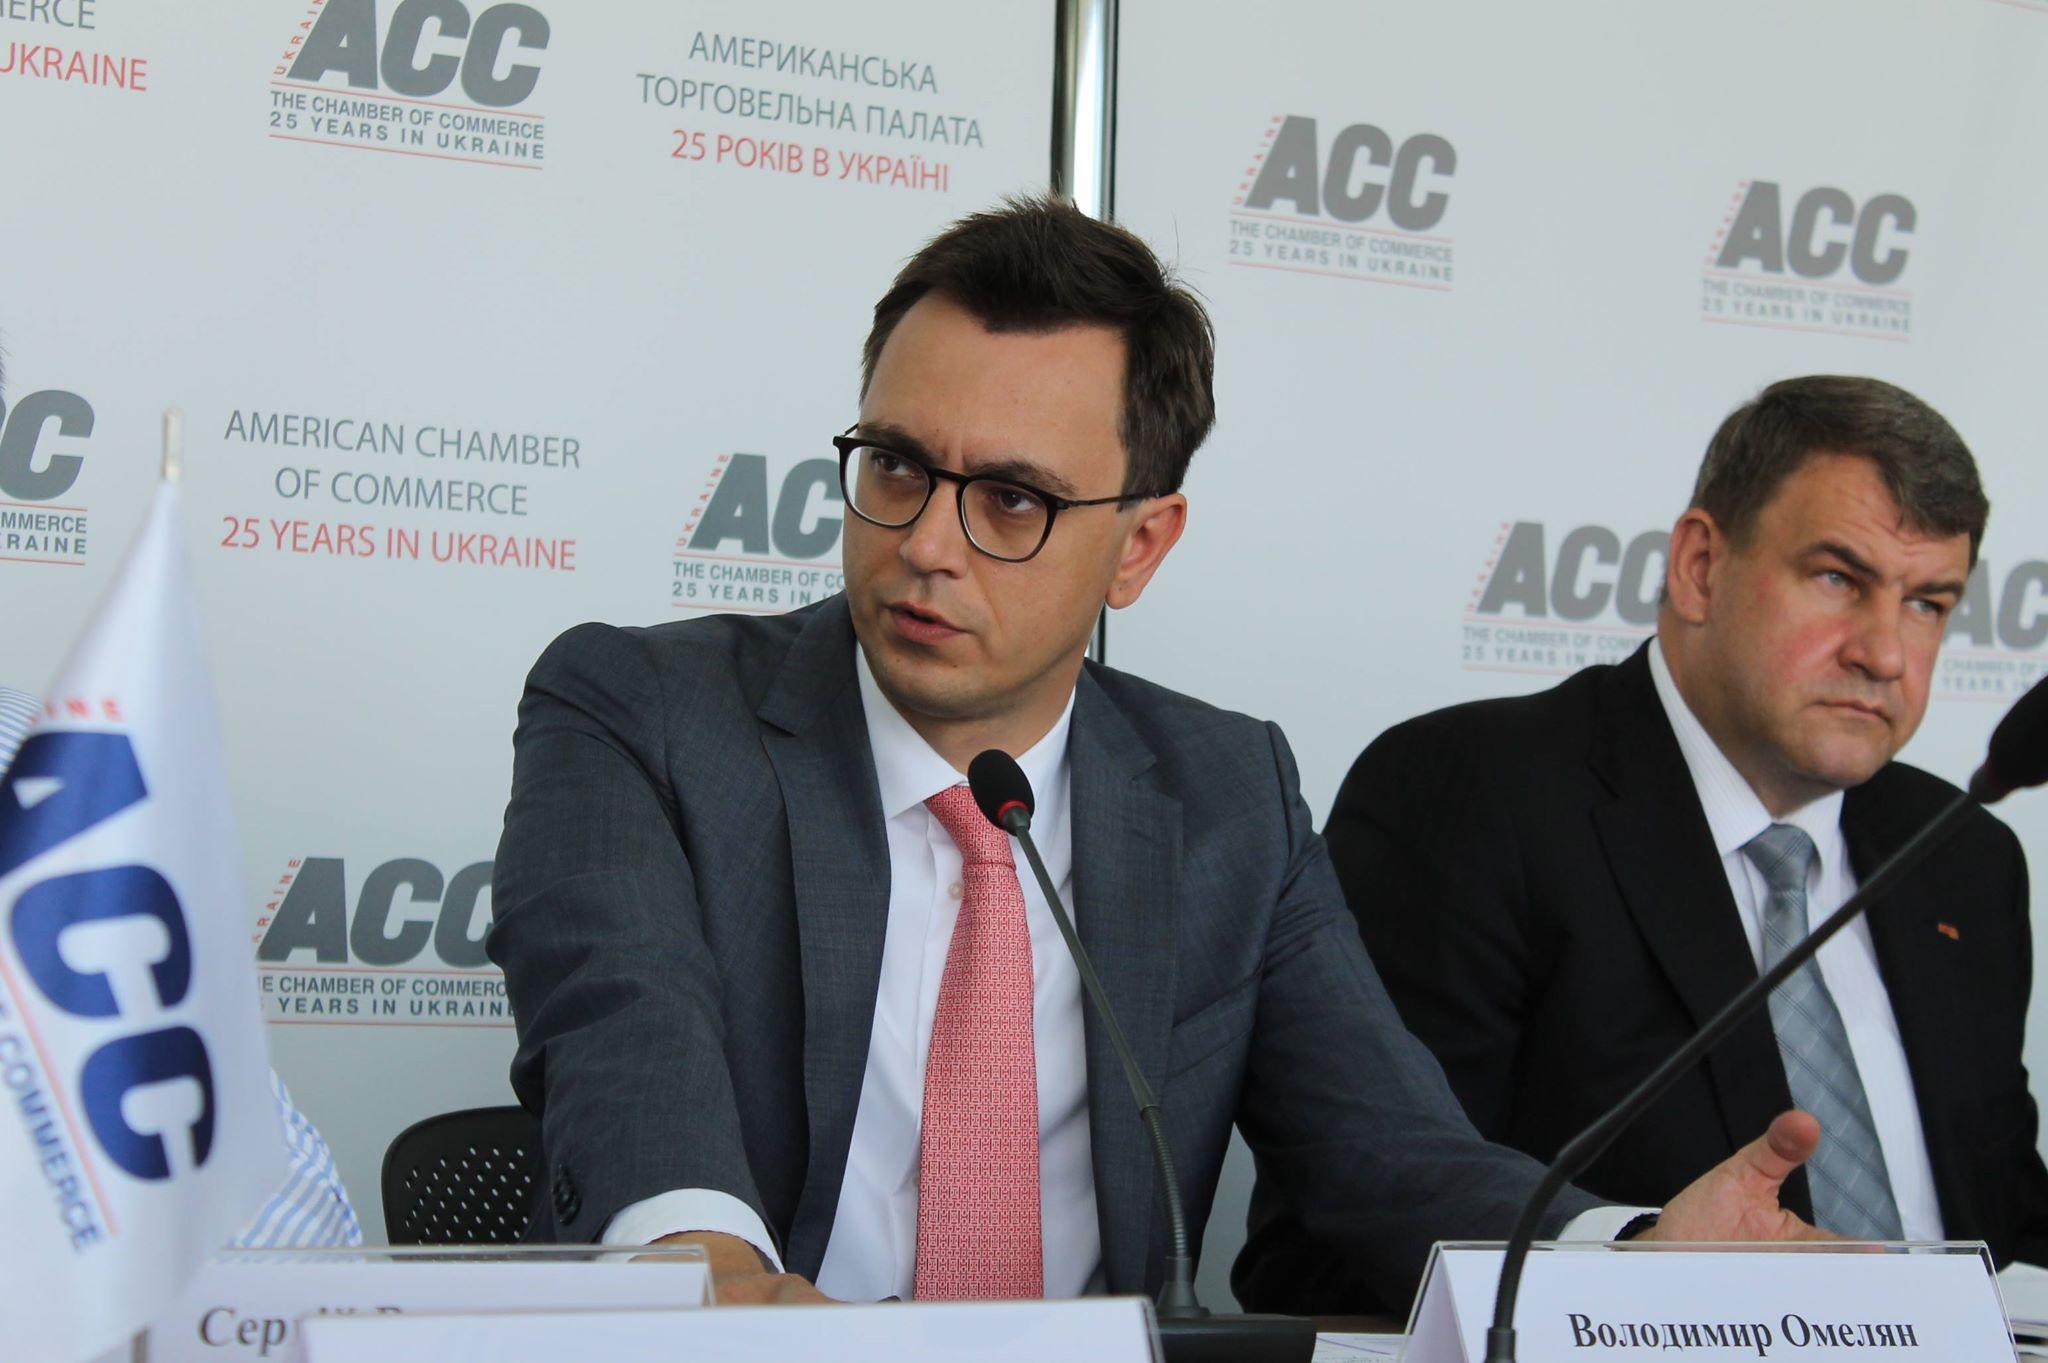 ДИРЕКТОР ДОРОГ:  Владимир Омелян о том, как видеть дальше собственного носа и реформировать отрасль в условиях зарегулированности